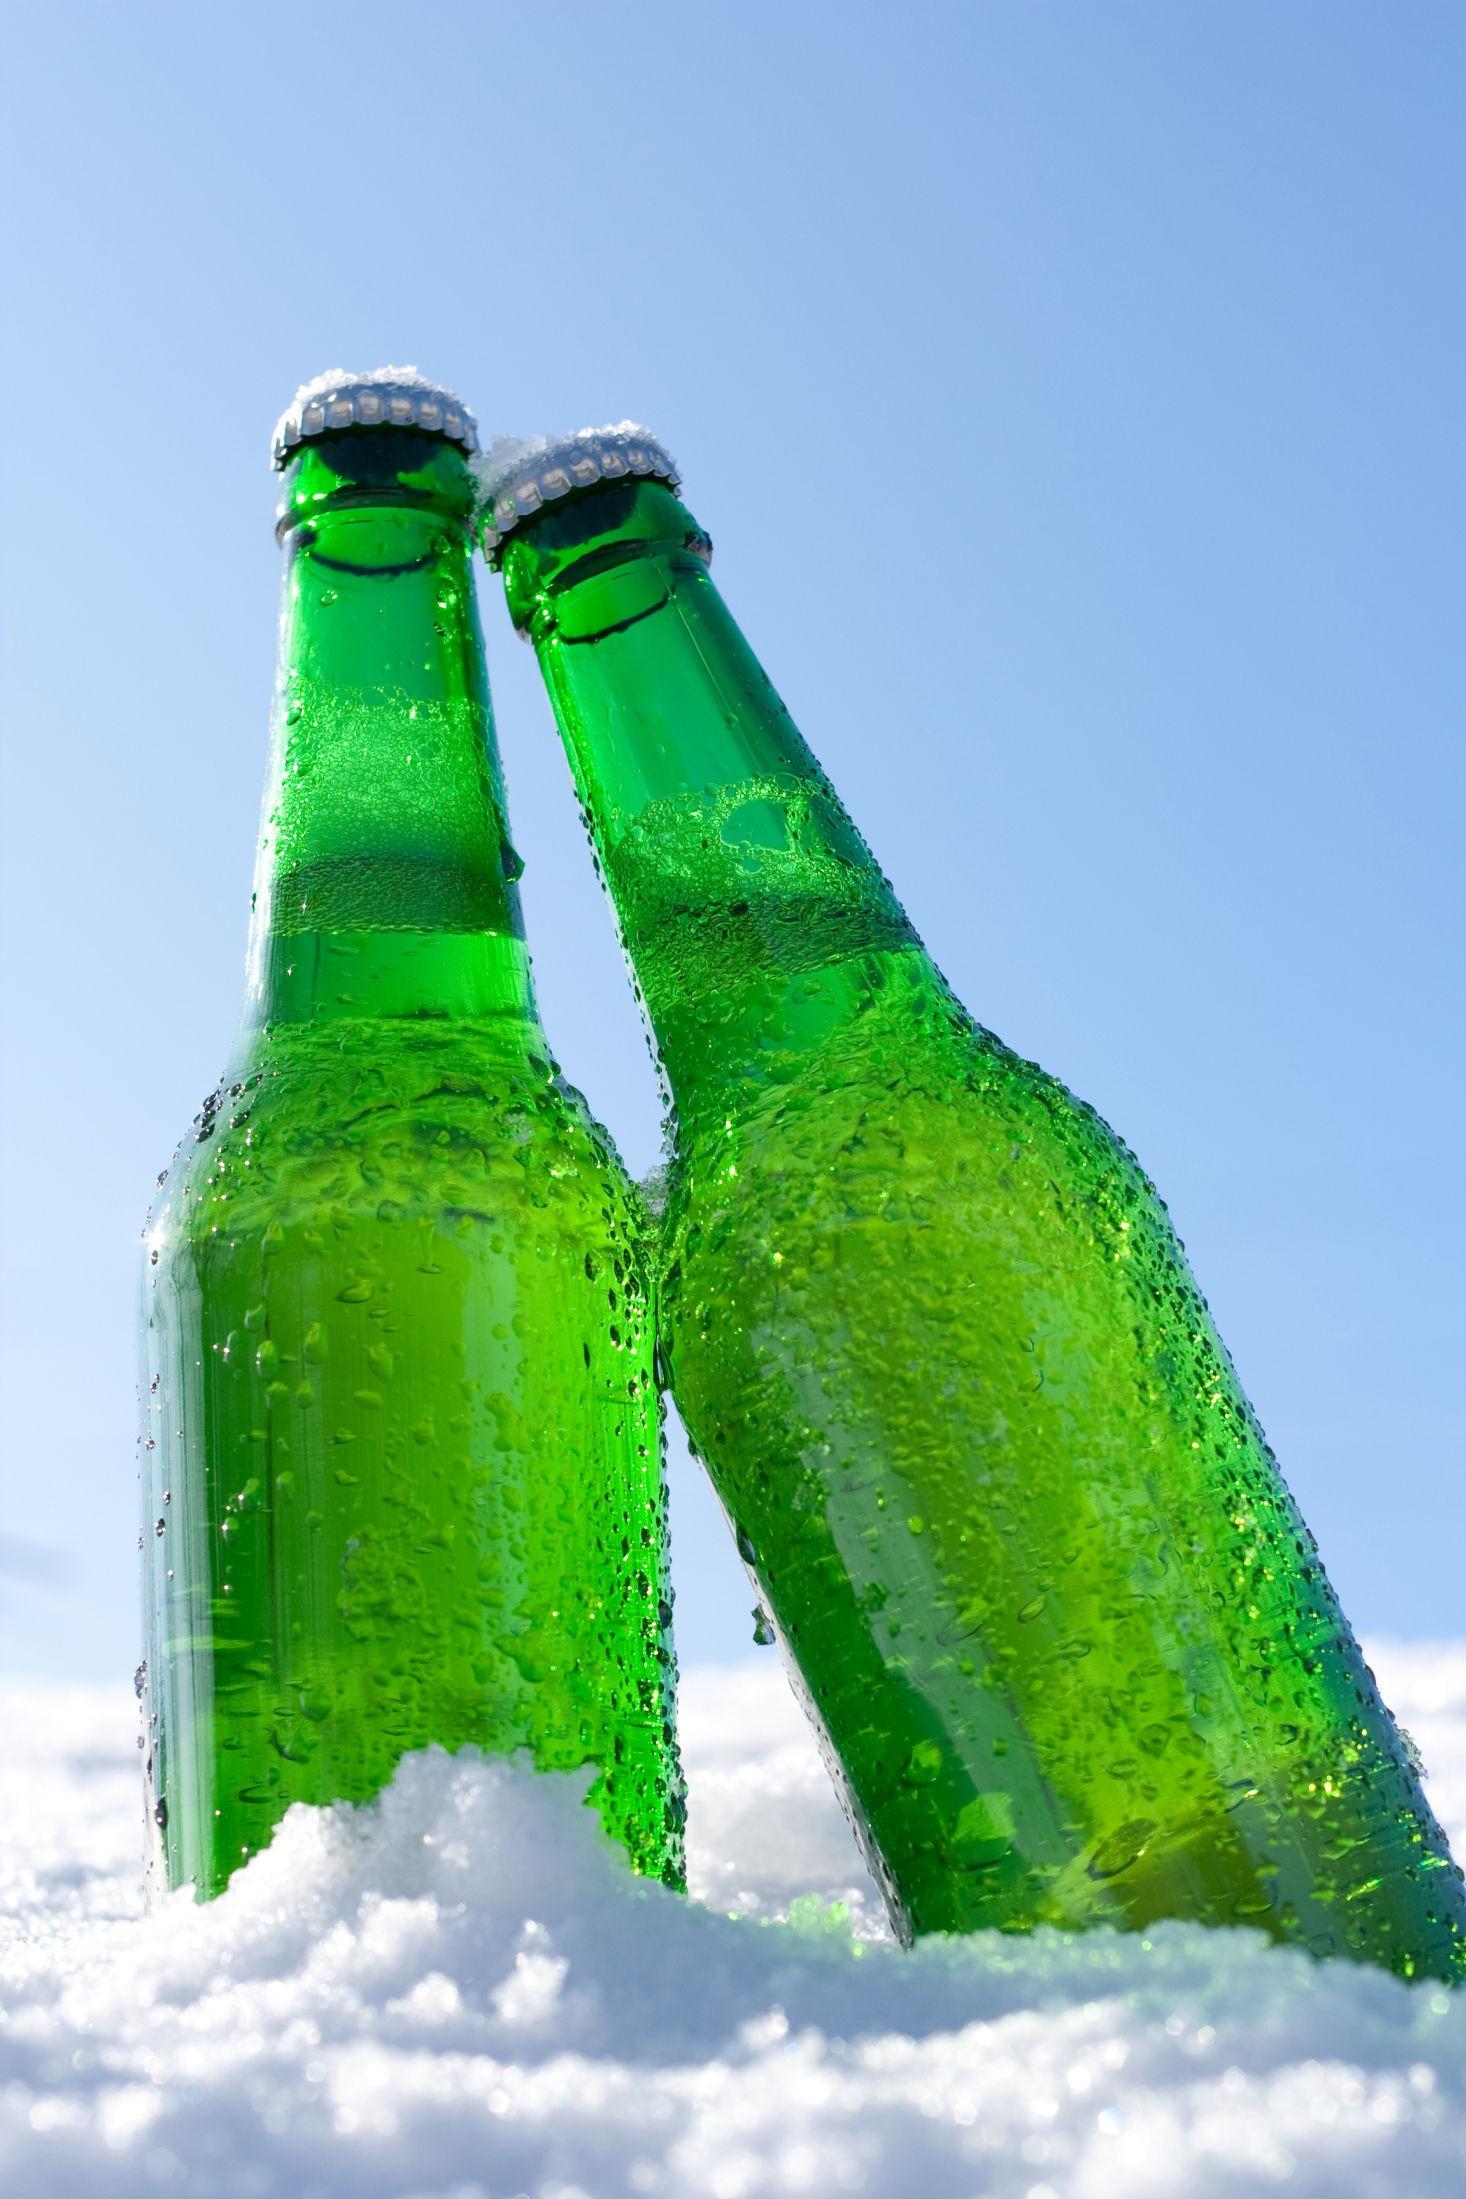 ISKALDT: Under kan du lese lesernes egne tips om hvordan du får avkjølt varm øl raskt. Illustrasjonsbilde.